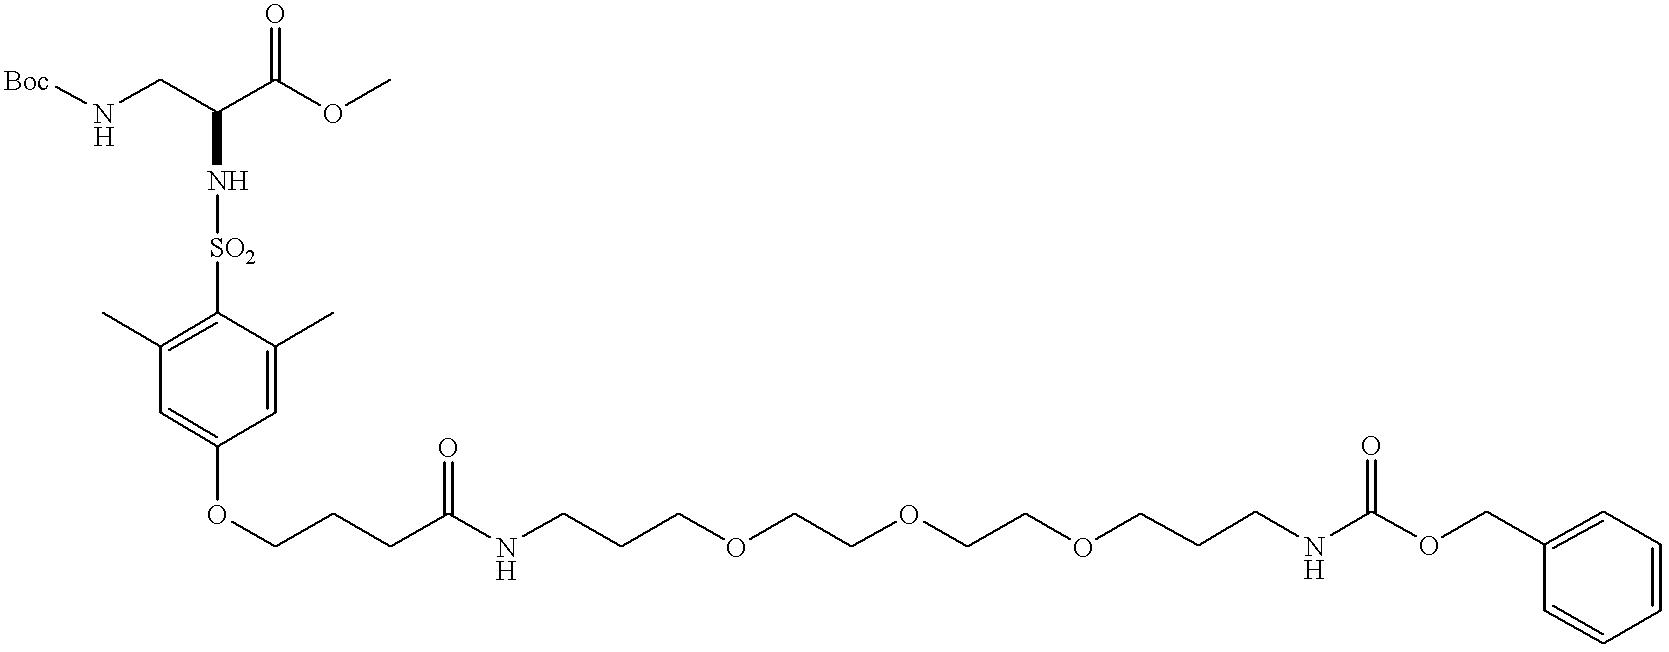 Figure US06683163-20040127-C00053